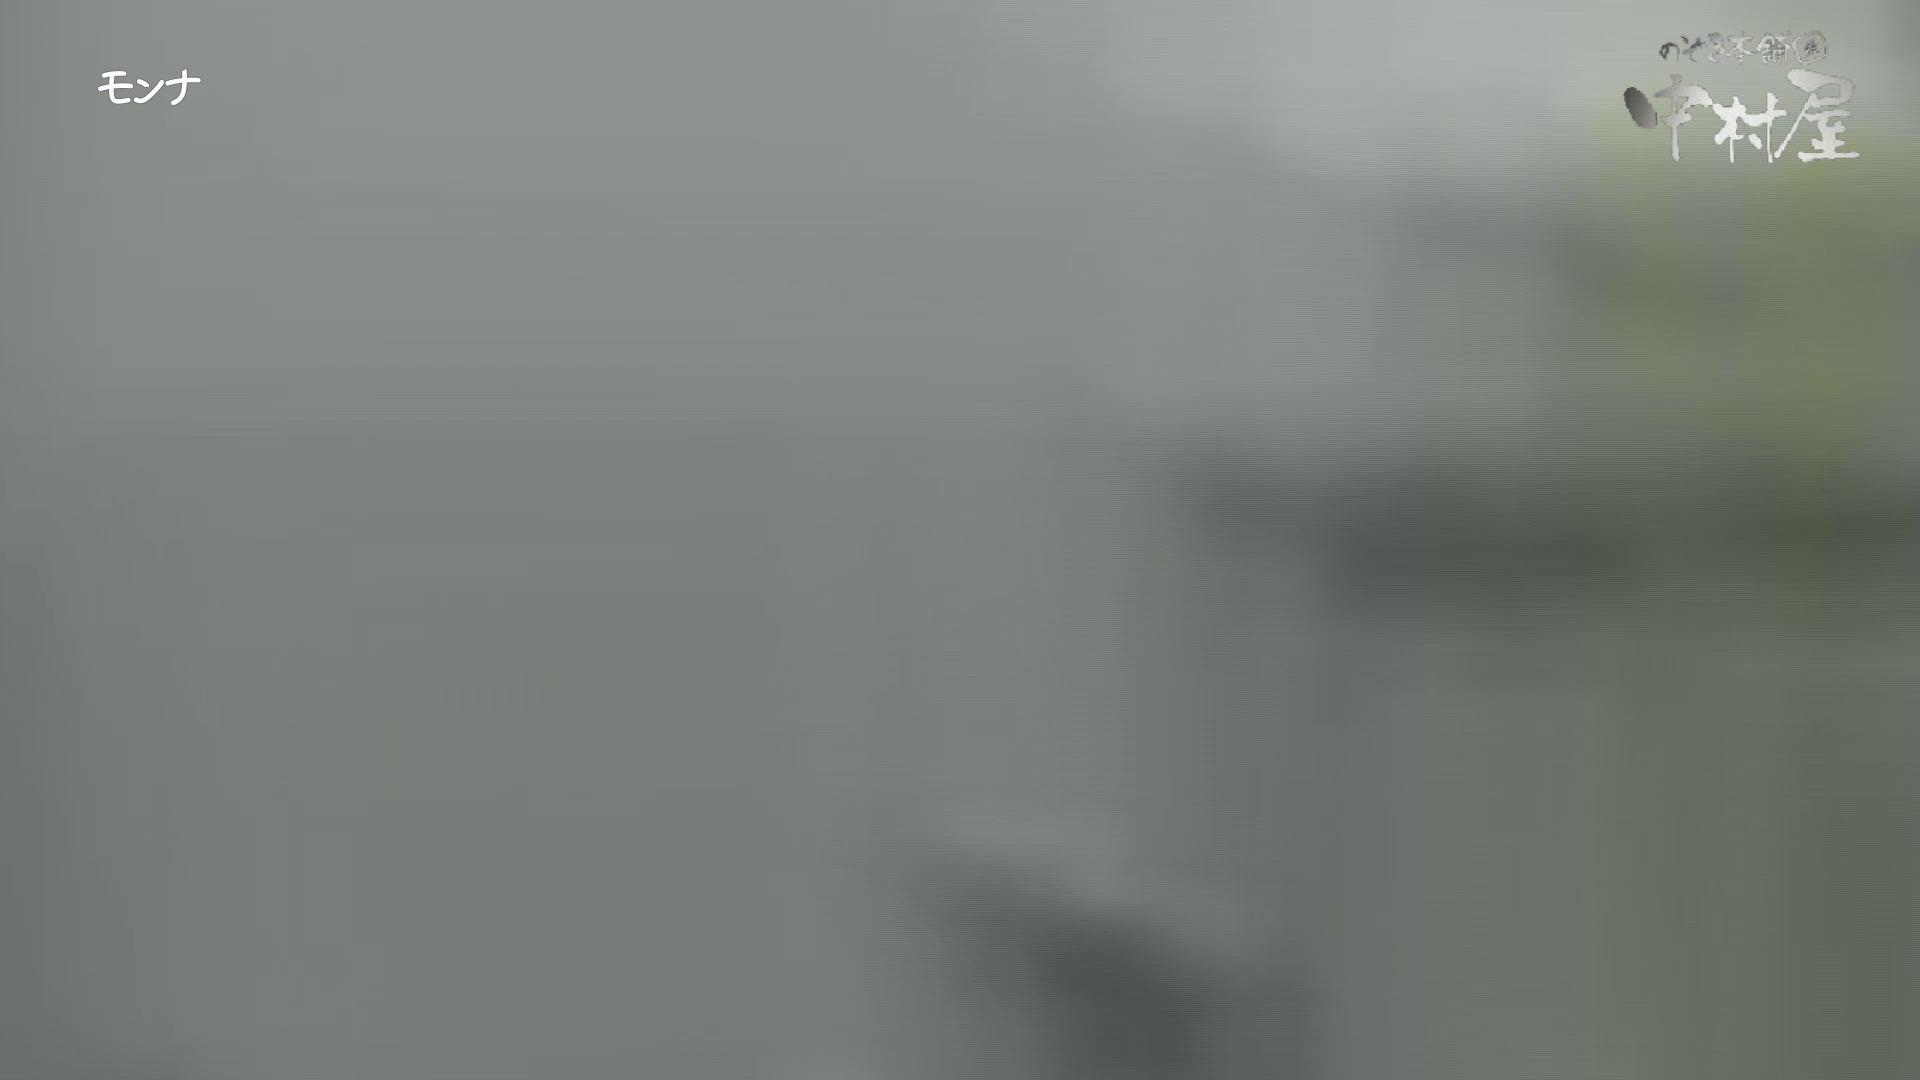 美しい日本の未来 No.44 感動作2後編 覗き放題 盗撮おまんこ無修正動画無料 79画像 53